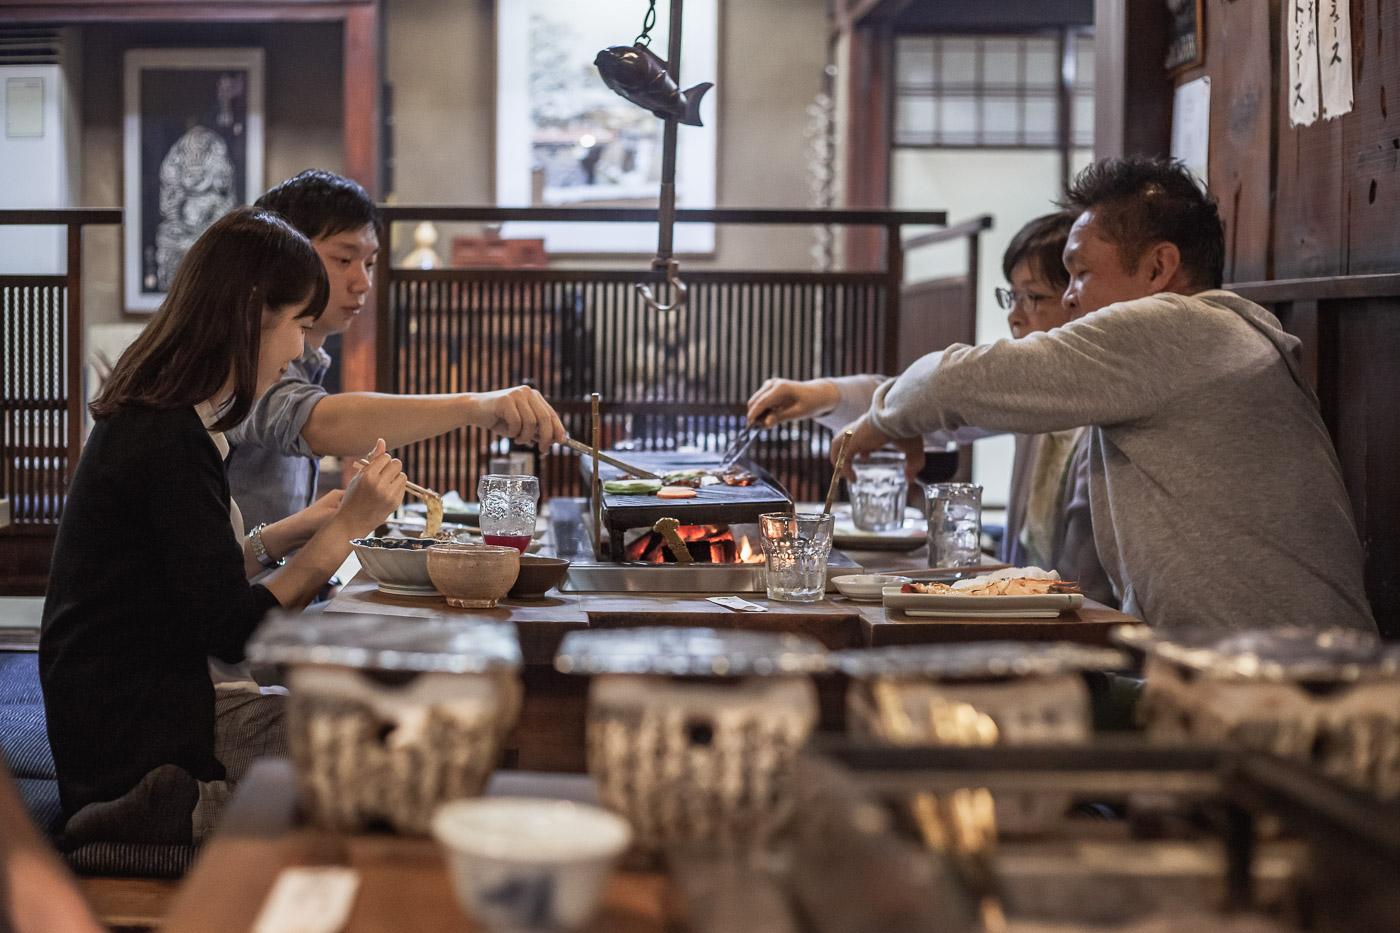 takayama kyoya restaurant